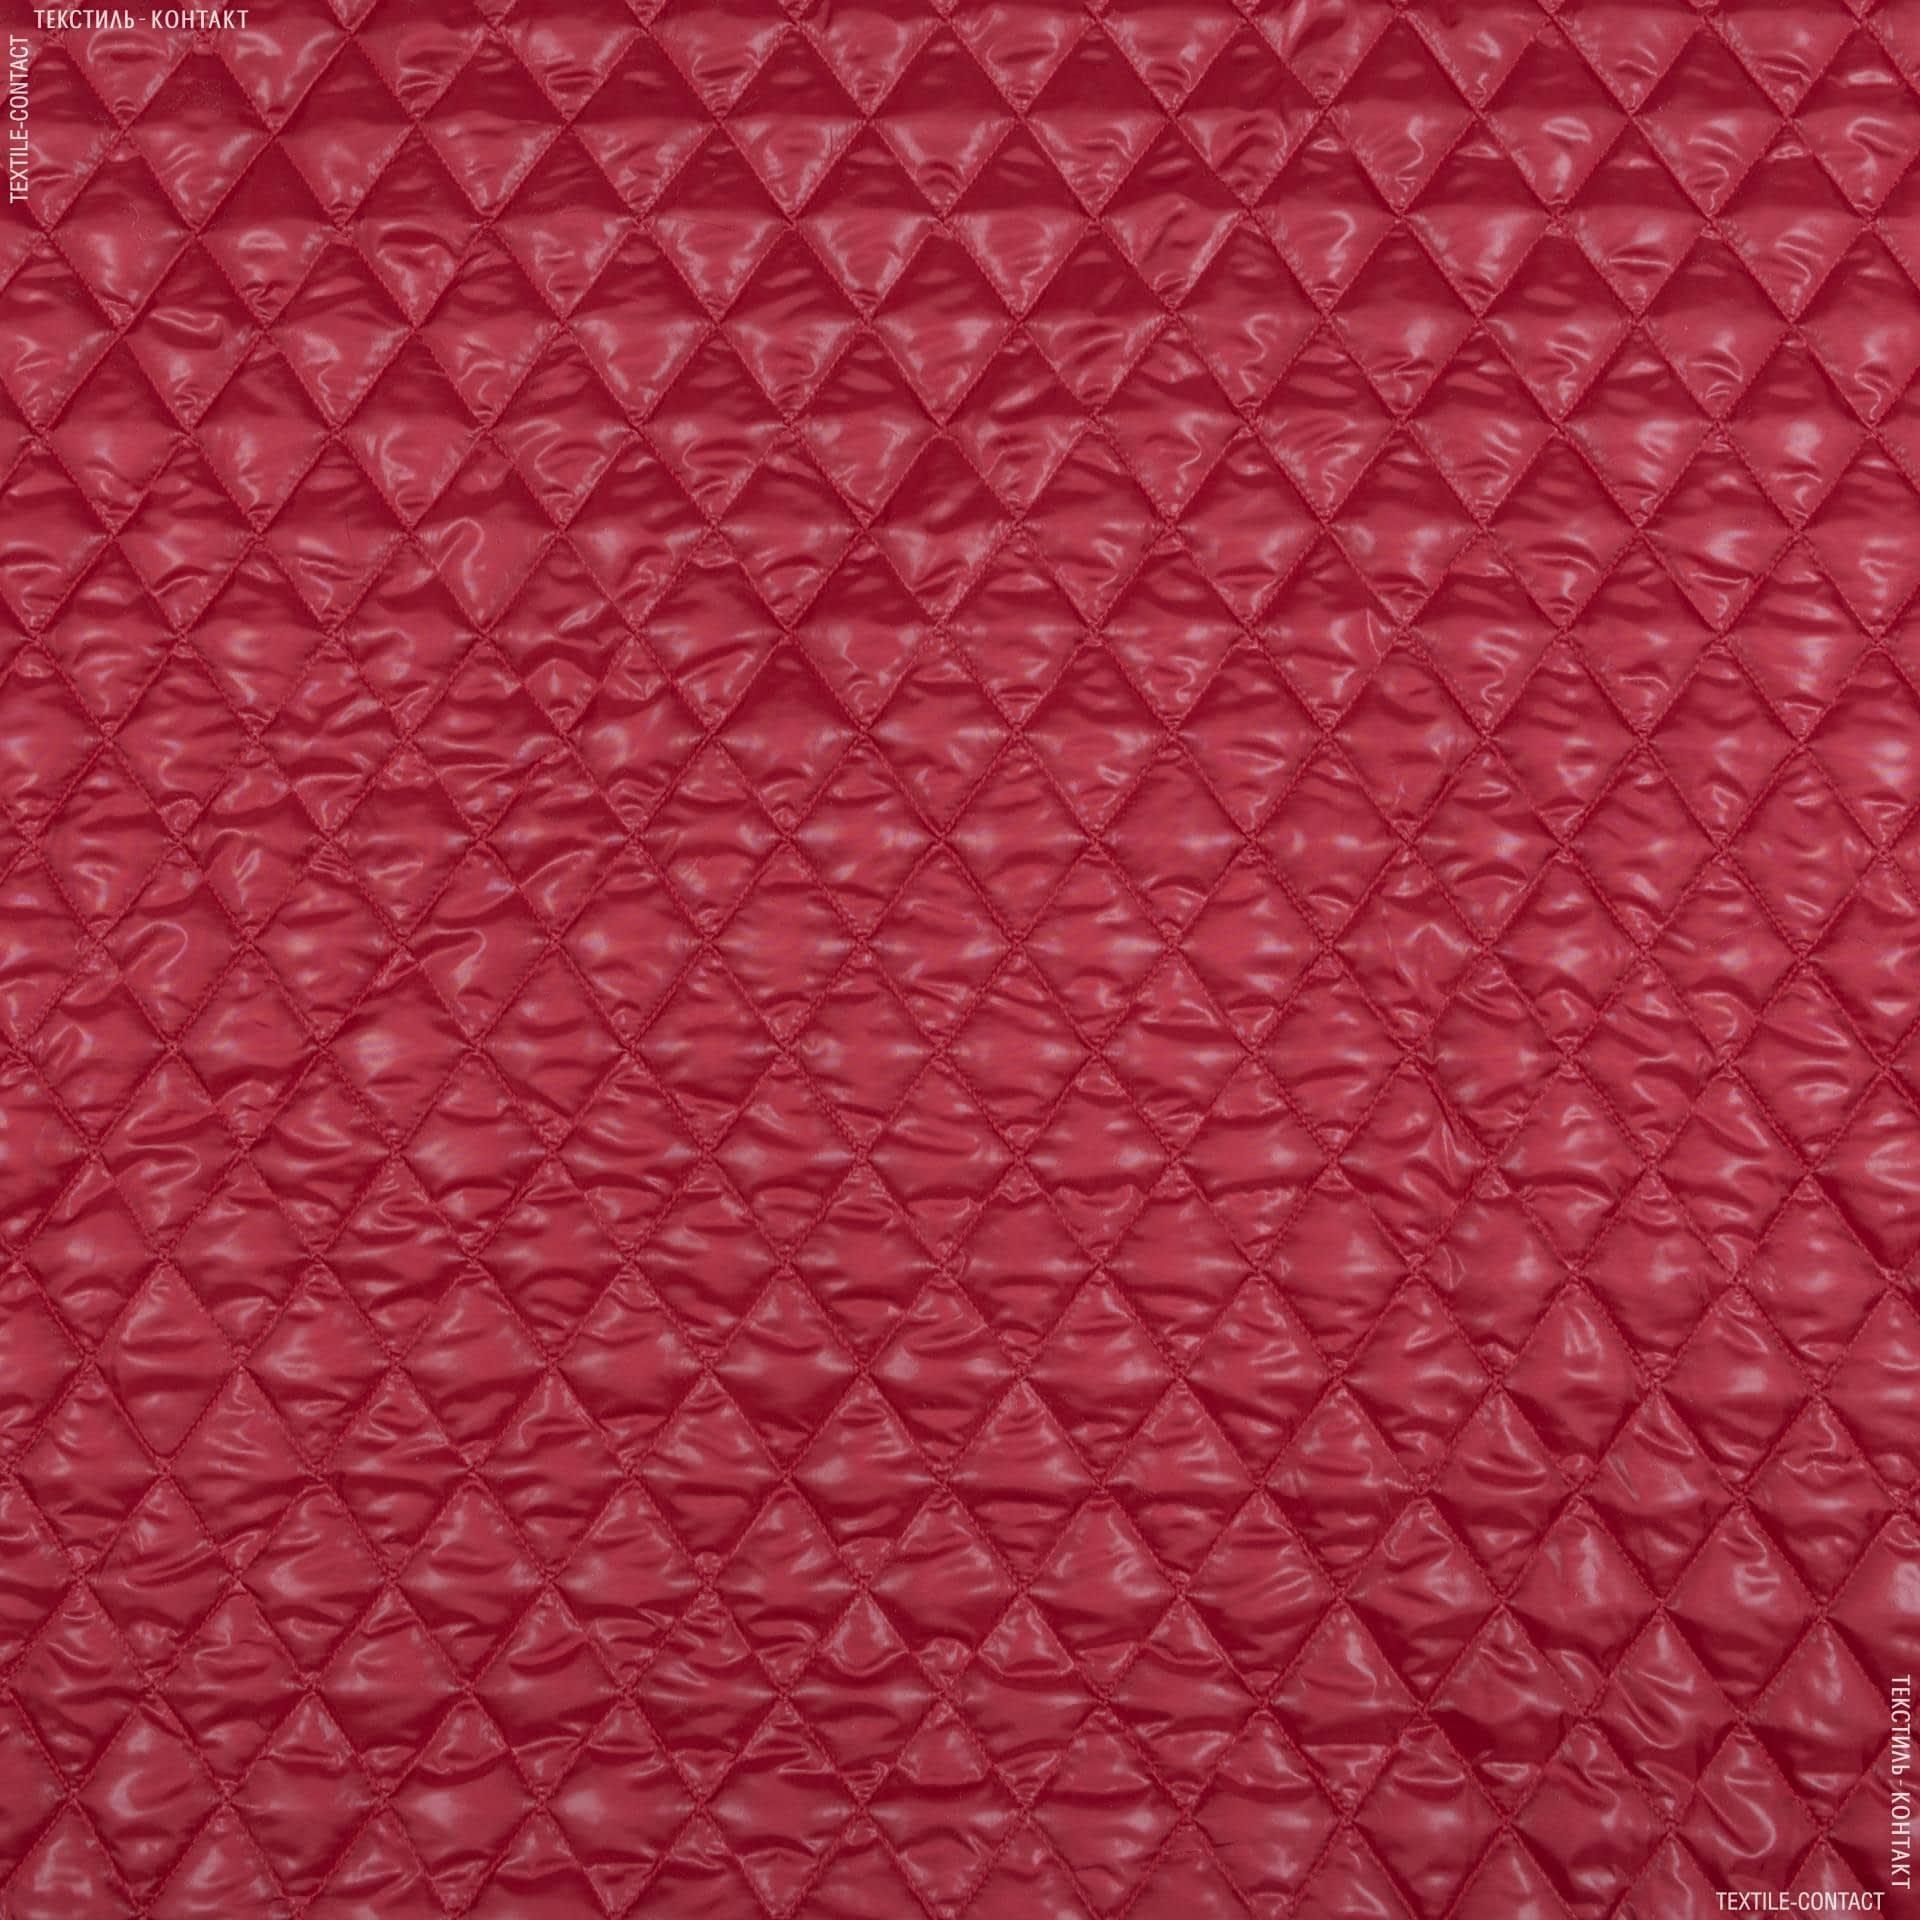 Ткани для спортивной одежды - Плащевая руби лаке стеганая темно-красный